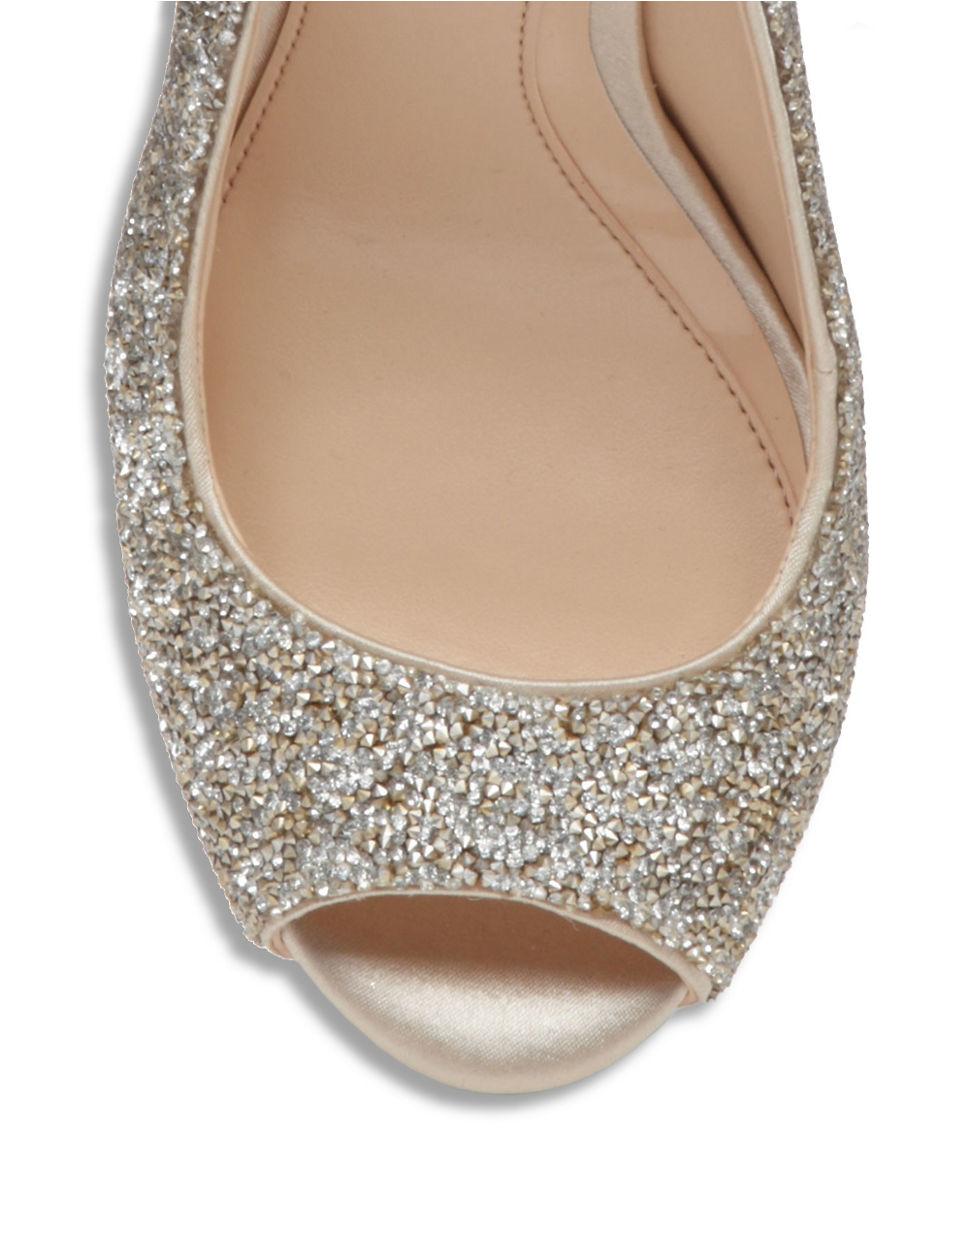 Gold Sparkle Peep Toe Heels